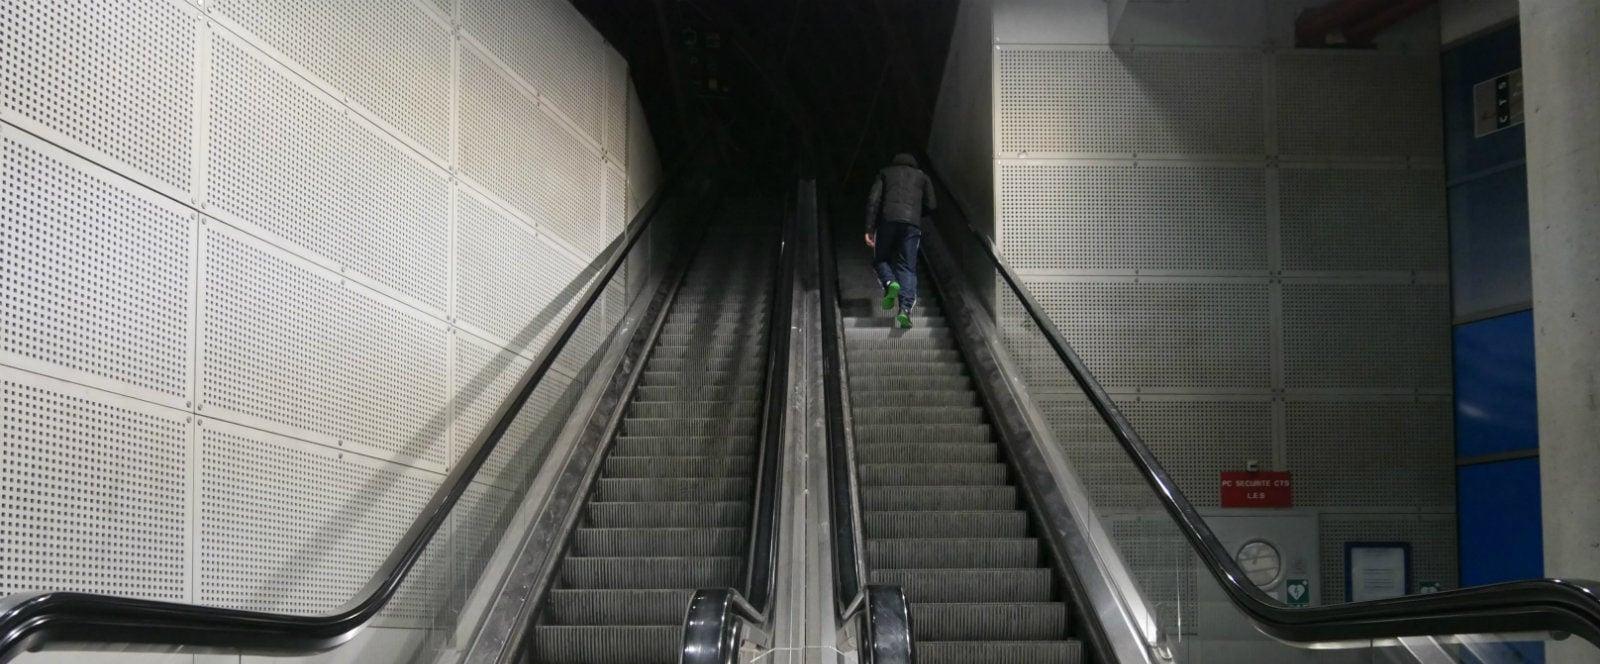 Les escalators de la gare centrale seront réparés fin mars